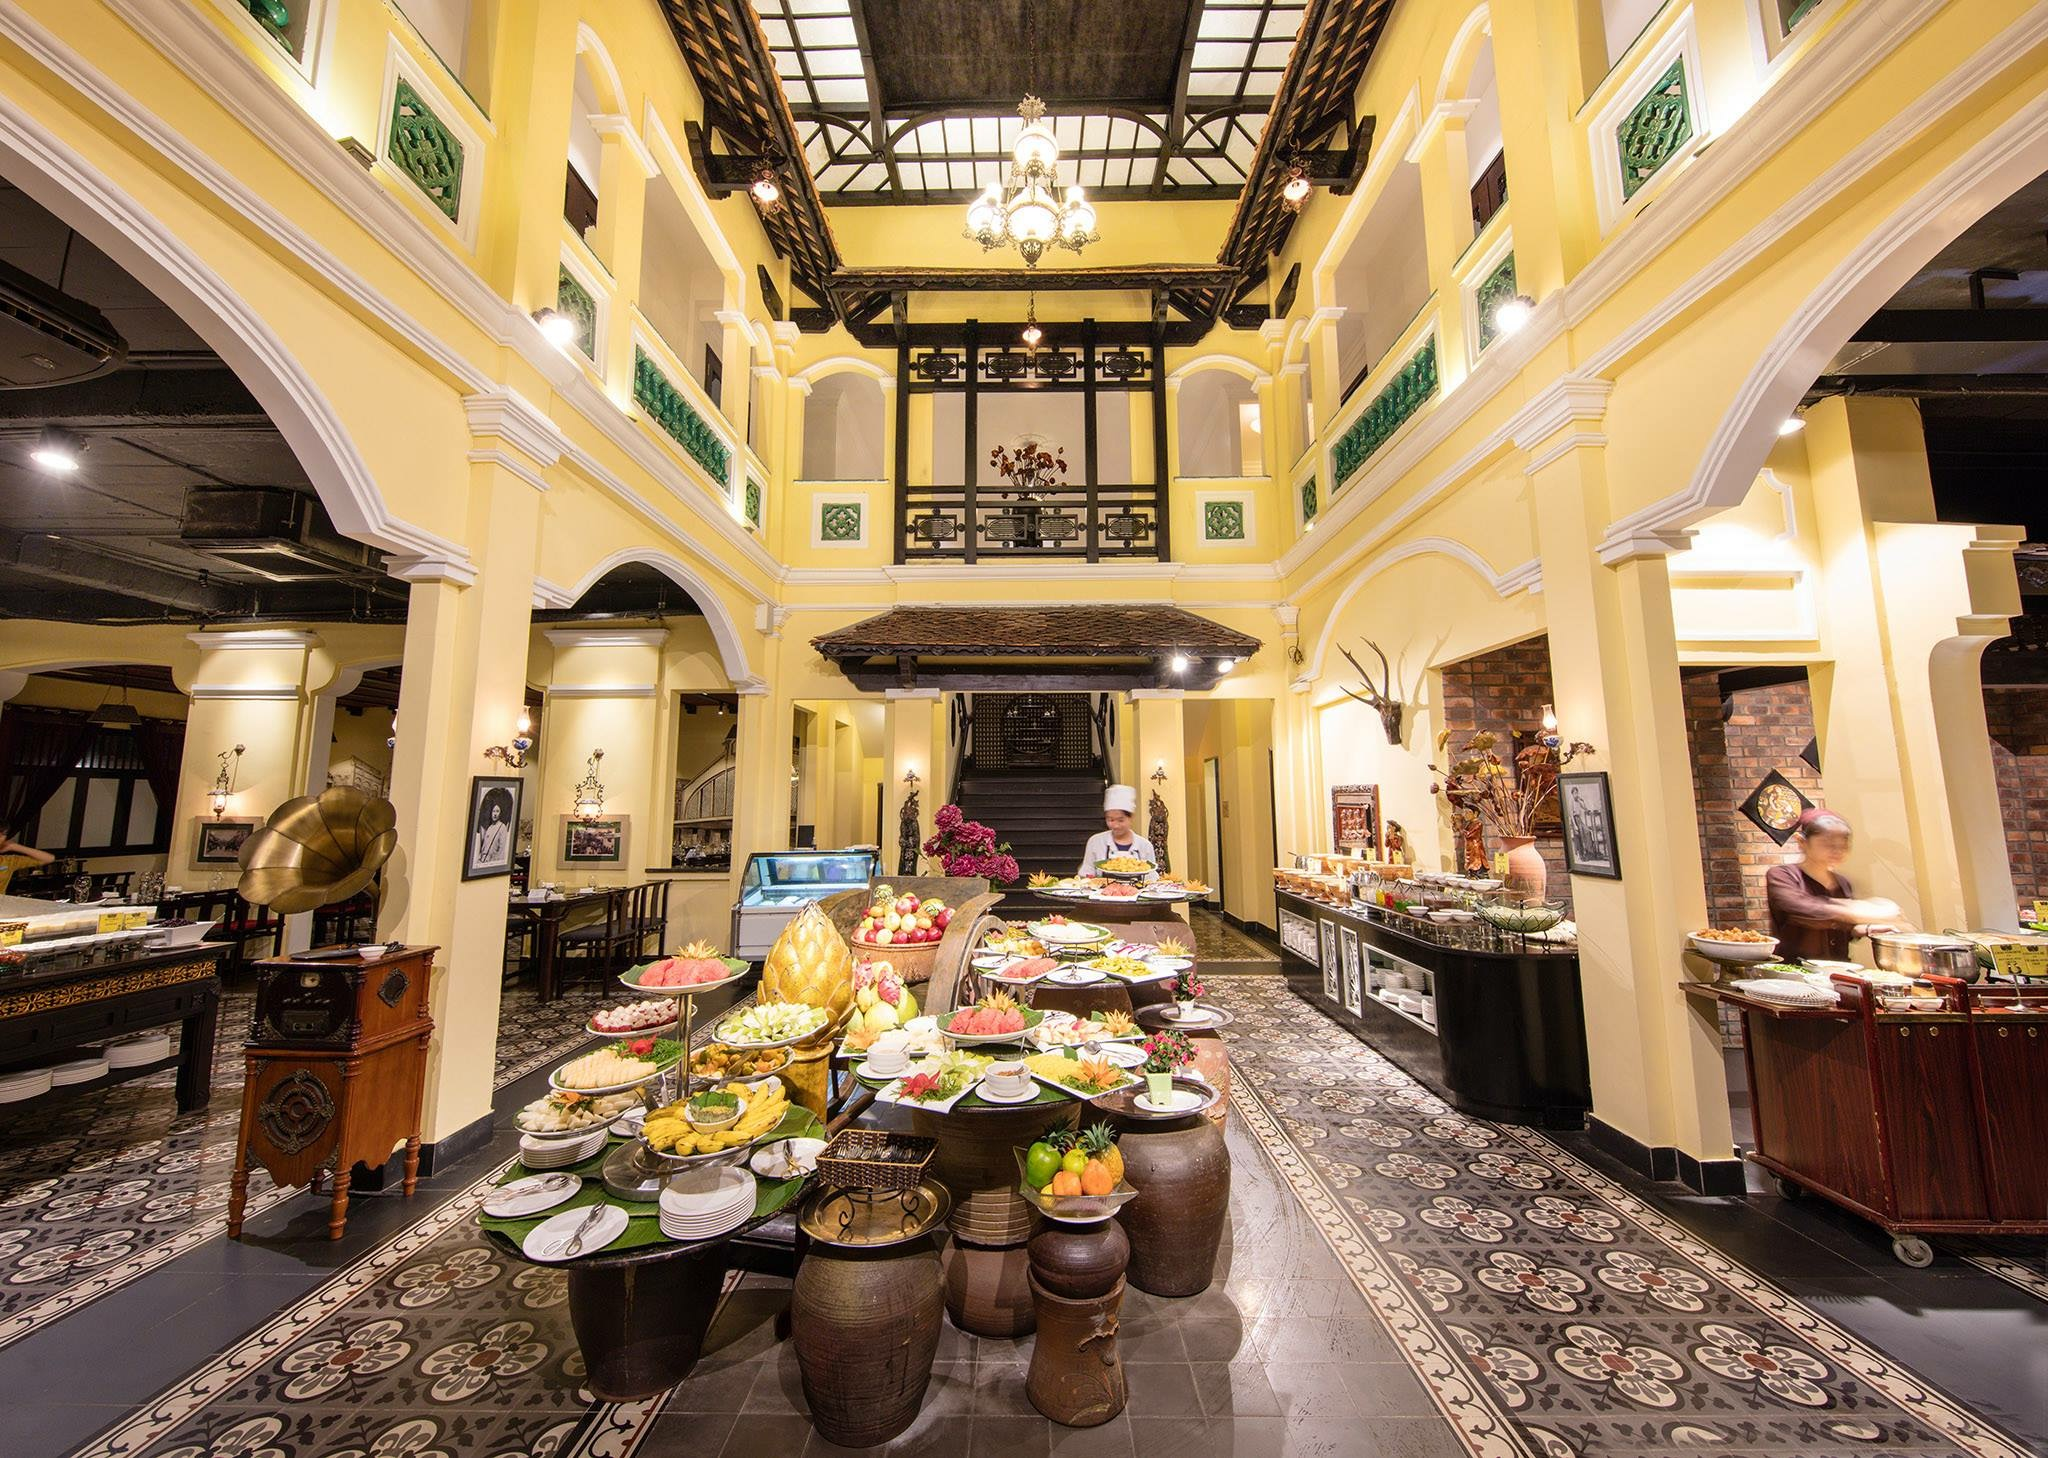 nhà hàng ngon ở hà nội